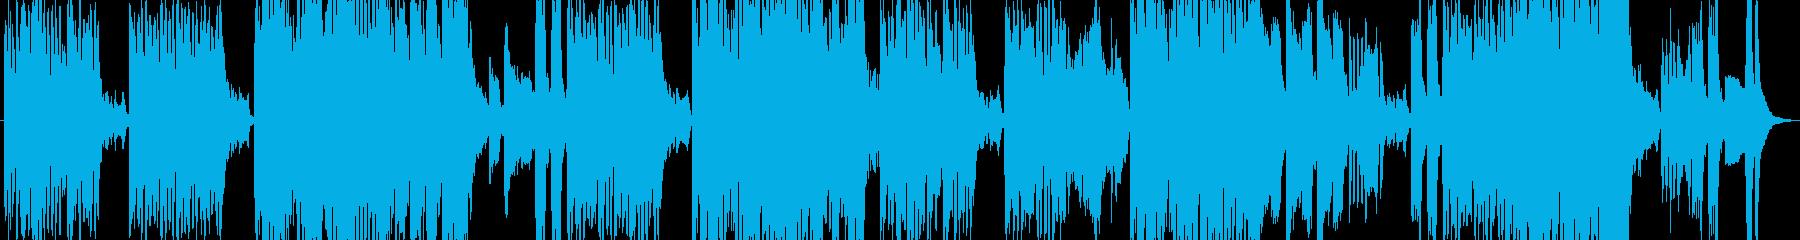 明るく高揚感のあるコミカルサウンドの再生済みの波形